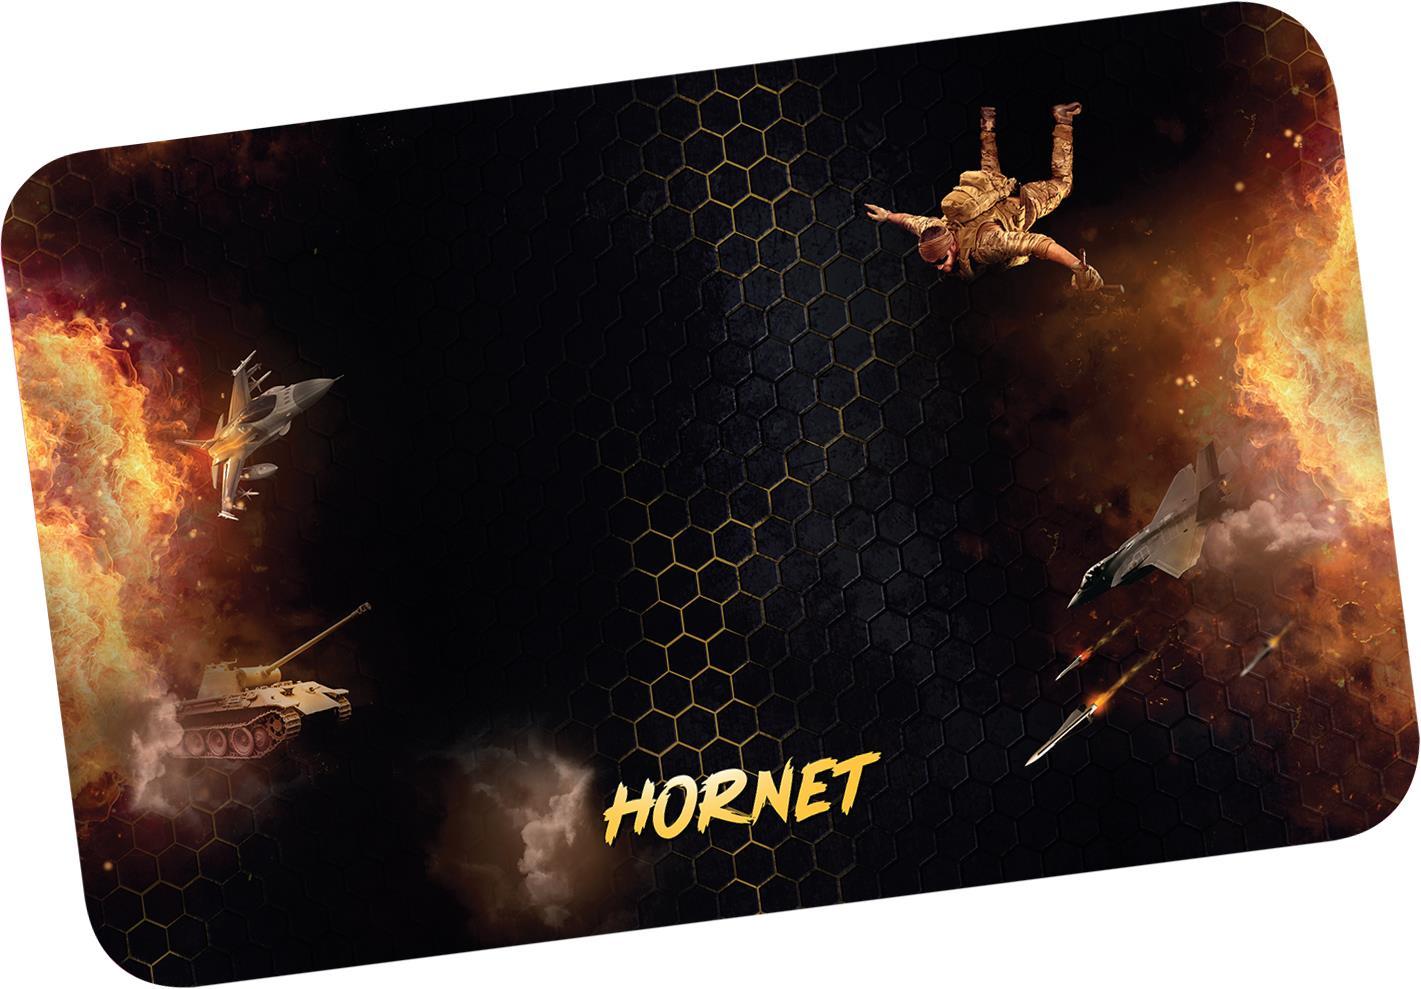 Herní sada Yenkee Hornet mistrova edice